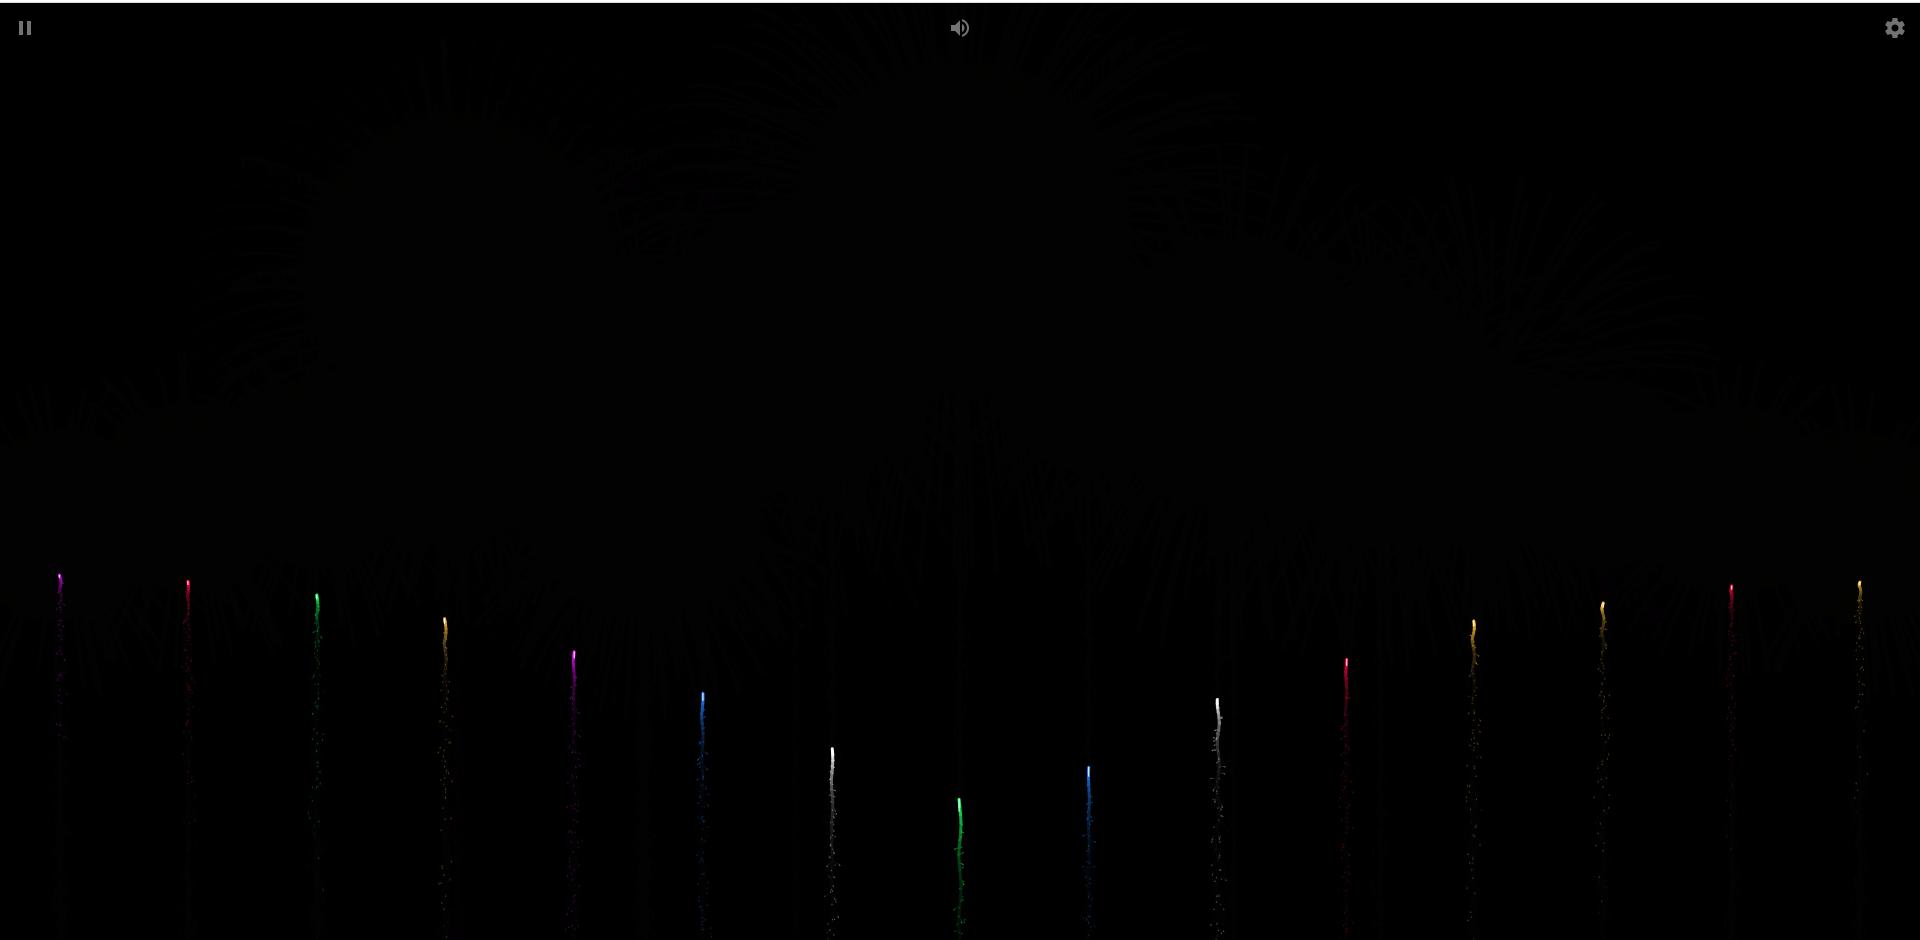 一款非常漂亮的html5烟花燃放模拟网页源码视觉听觉都很逼真-常网小站Miknio